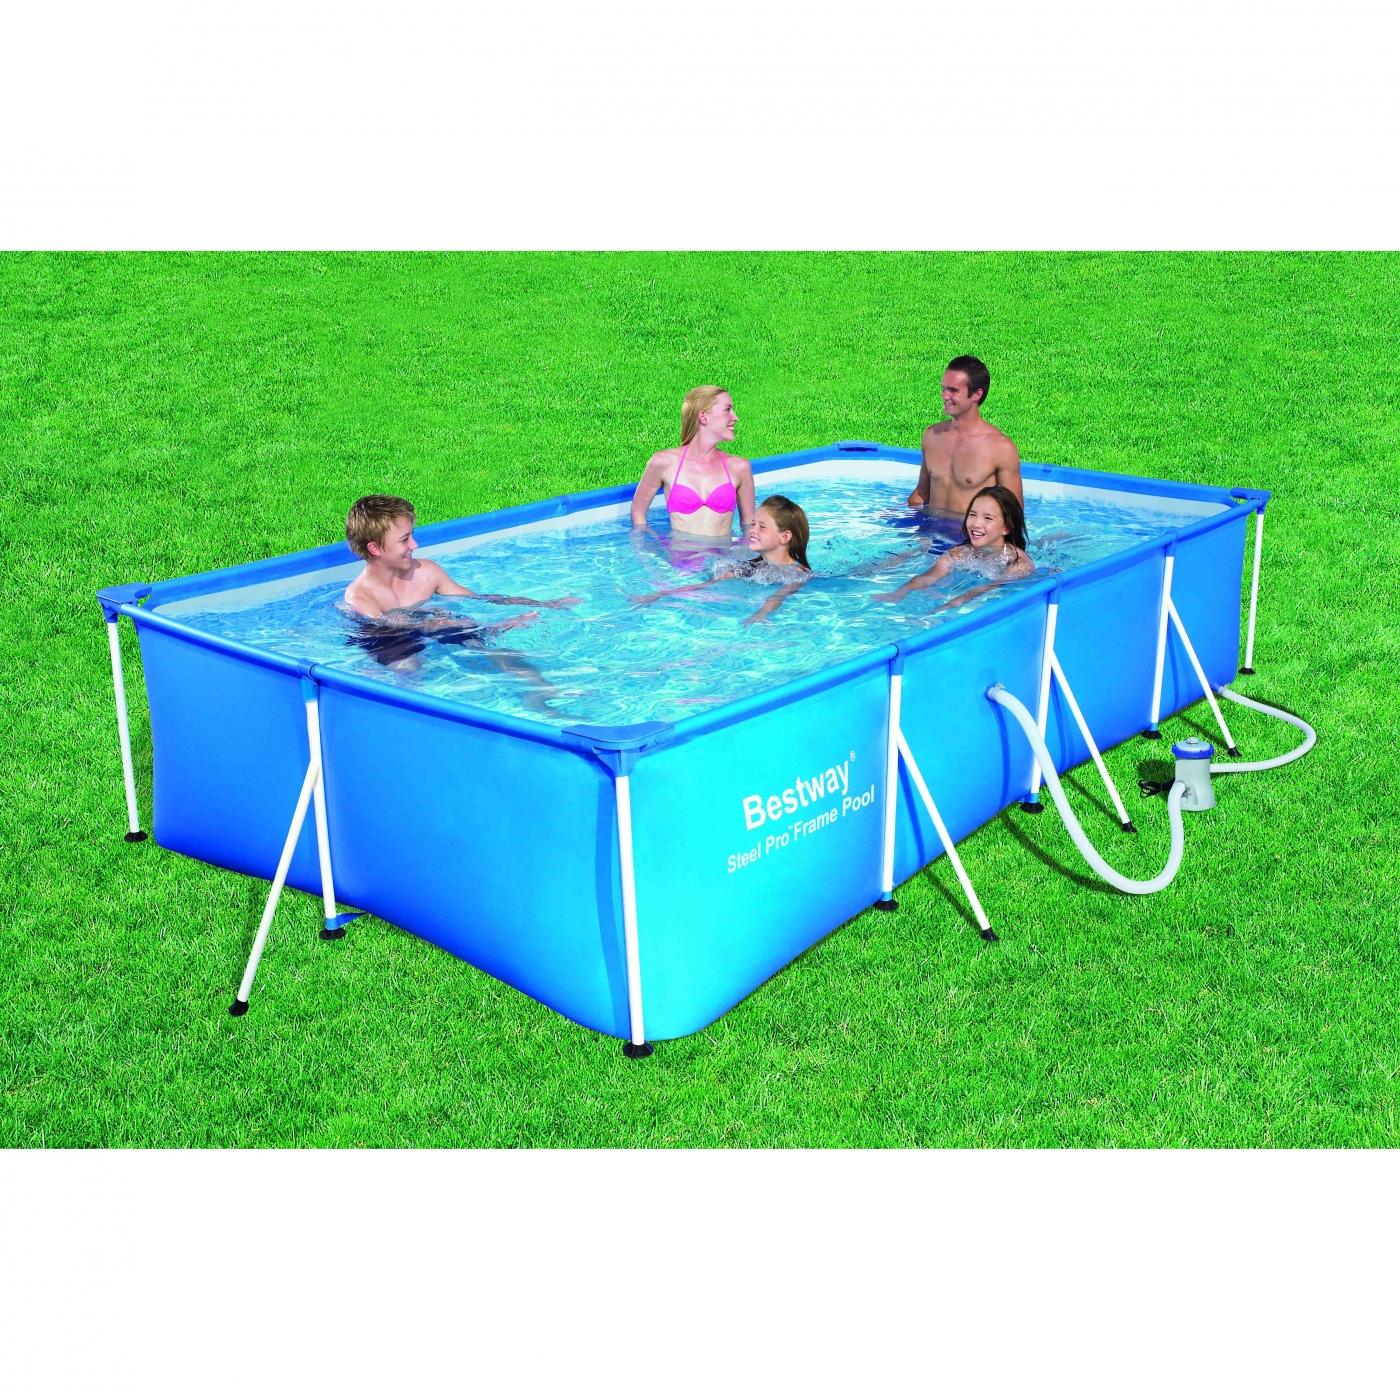 Piscina tubular con depuradora por 179 95 en planeta huerto for Depuradora piscina